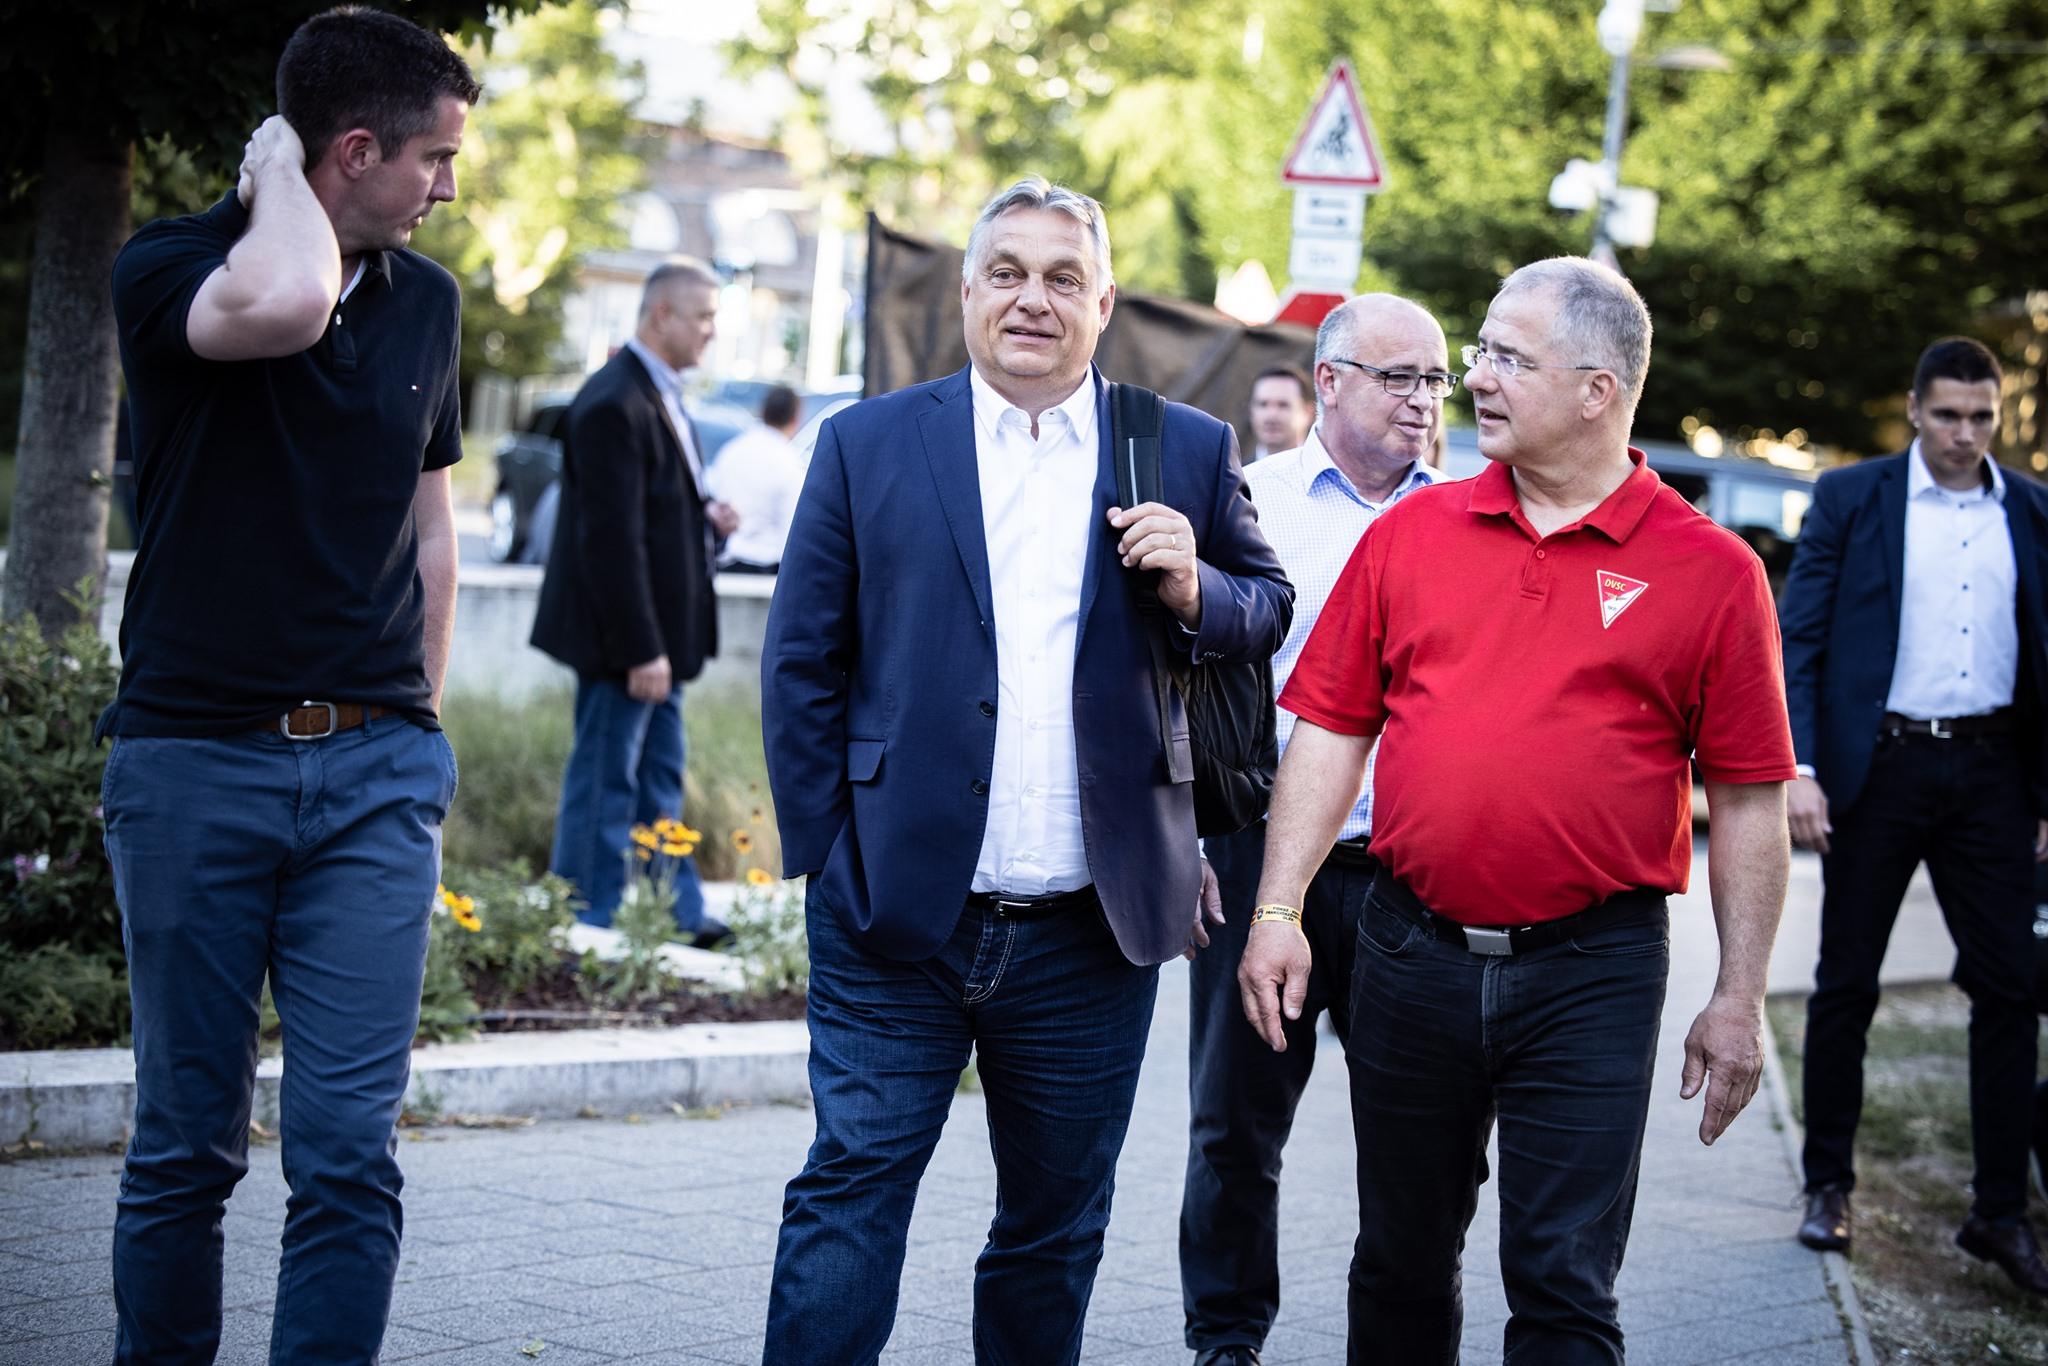 orbán walking